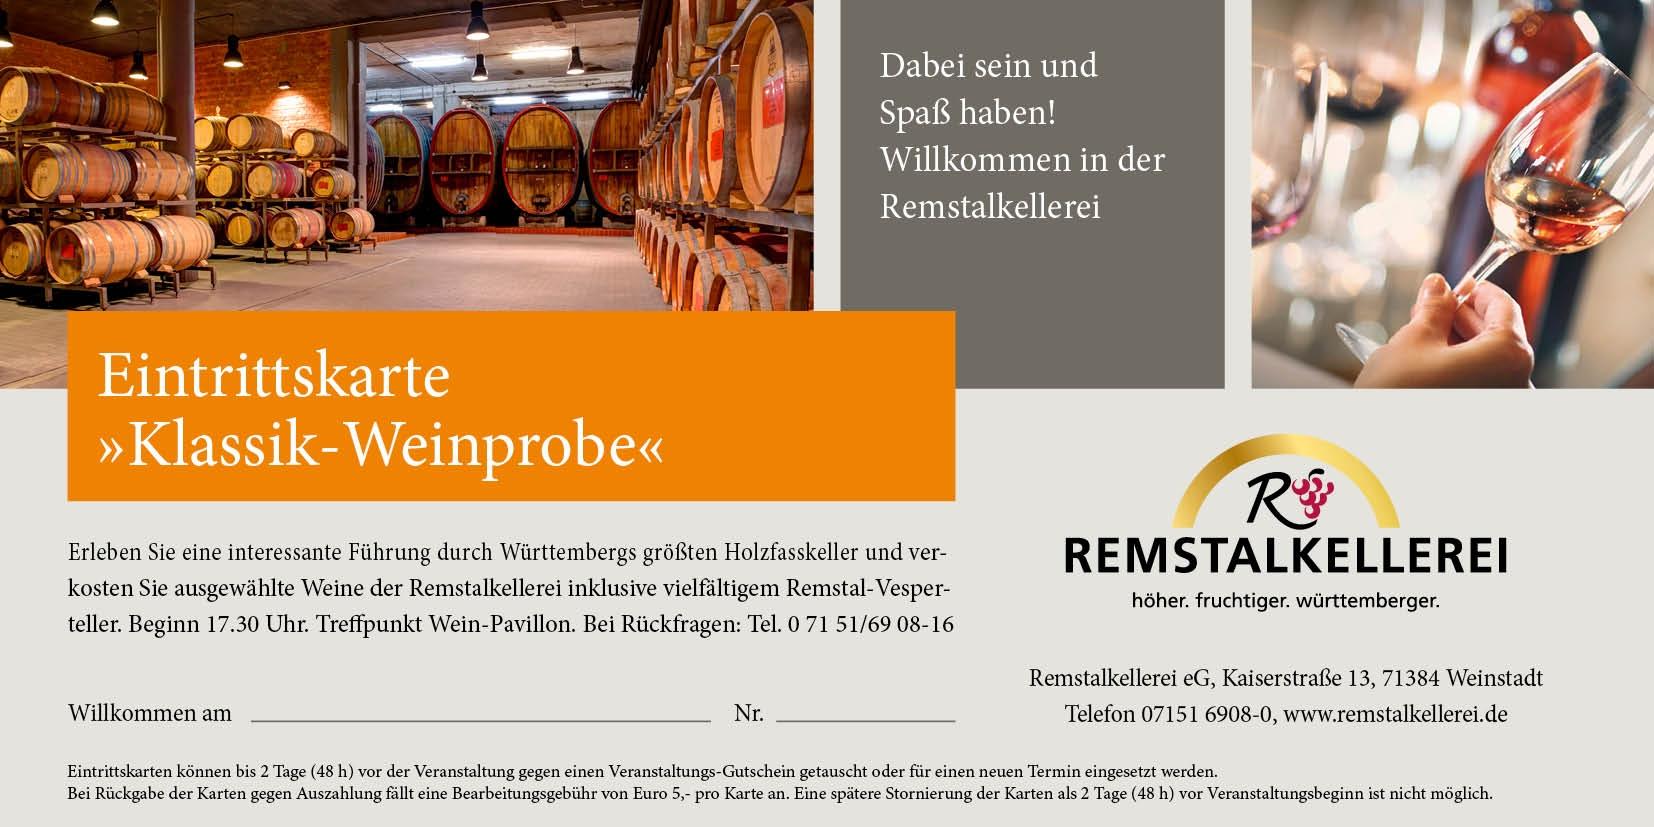 Gutschein für Klassik-Weinprobe